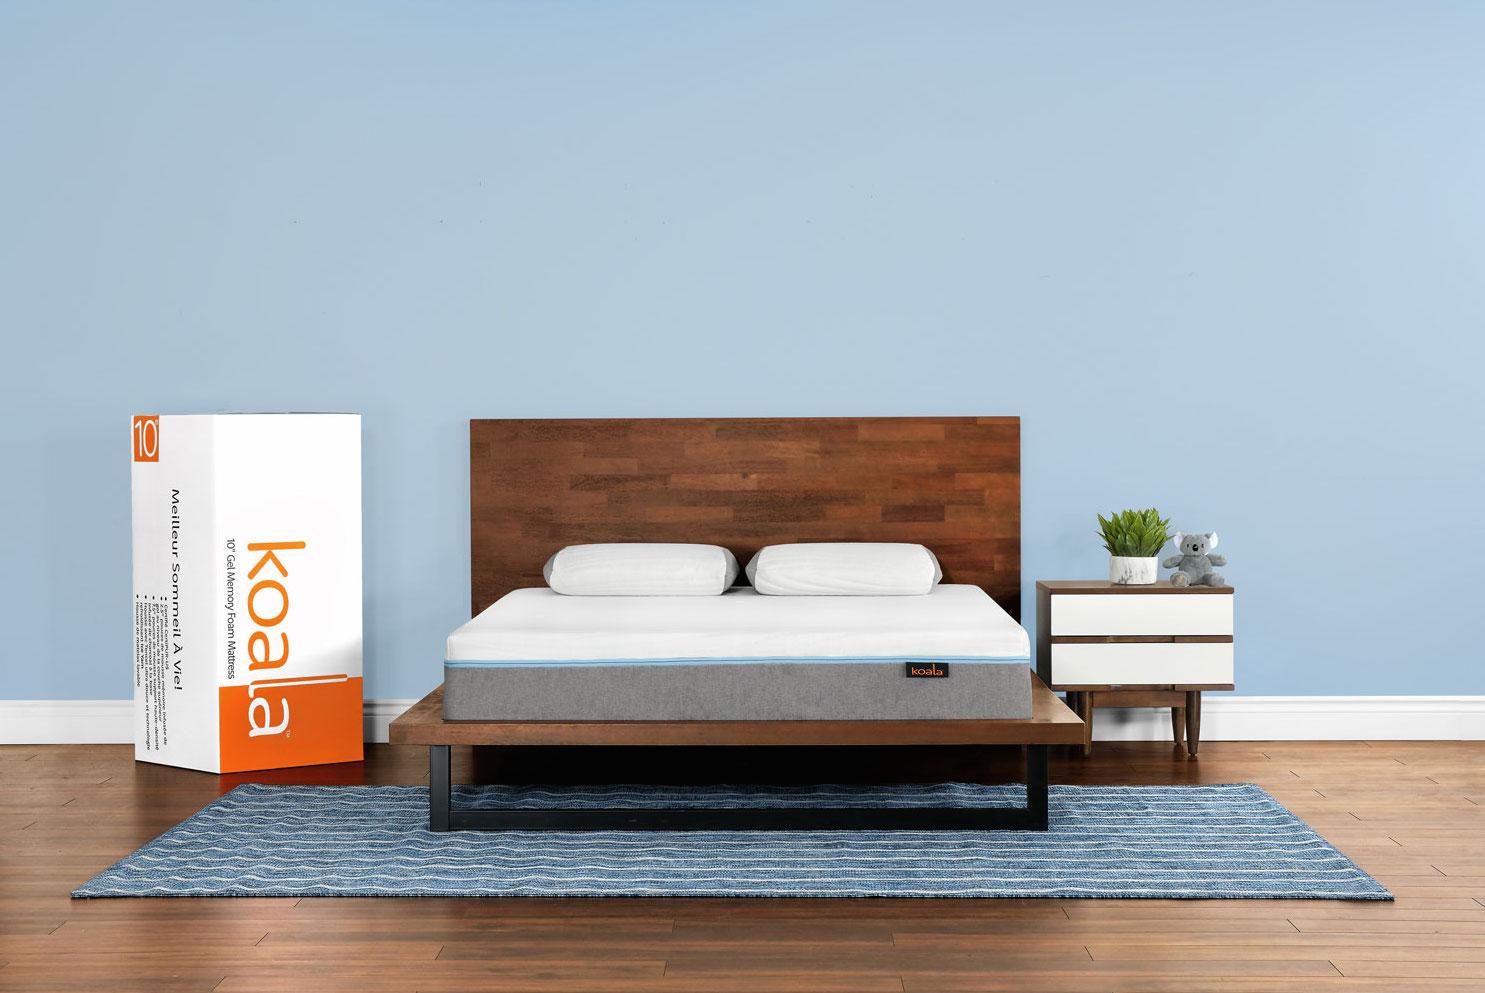 koala mattress review - koala mattress in a box stock pic